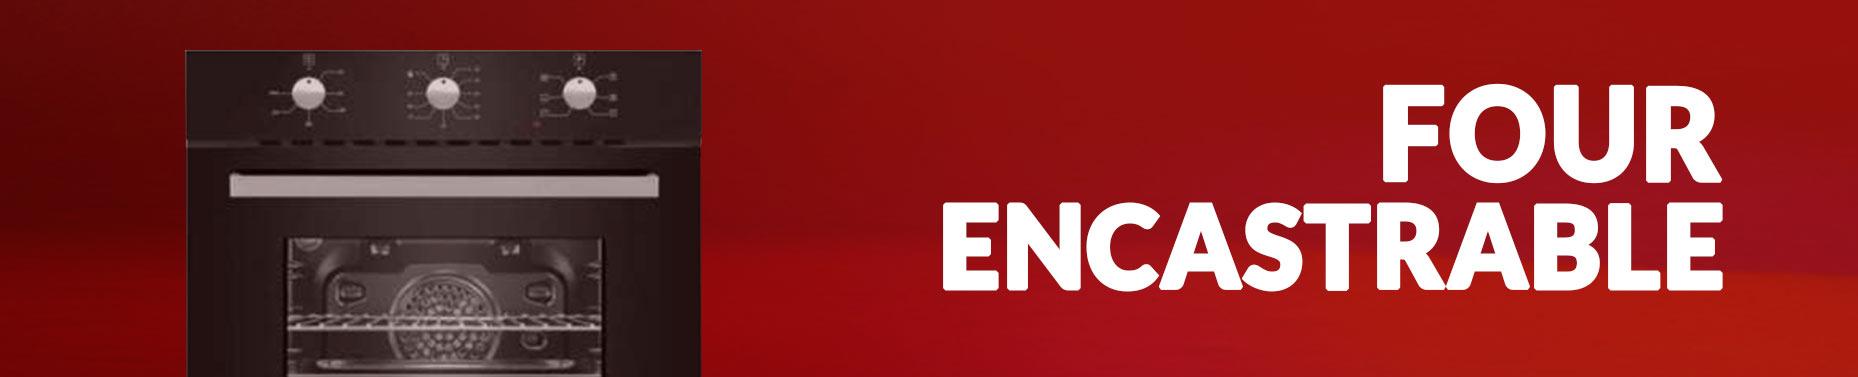 Tunisiatech.tn : Votre site de vente en ligne d'électroménagers en Tunisie